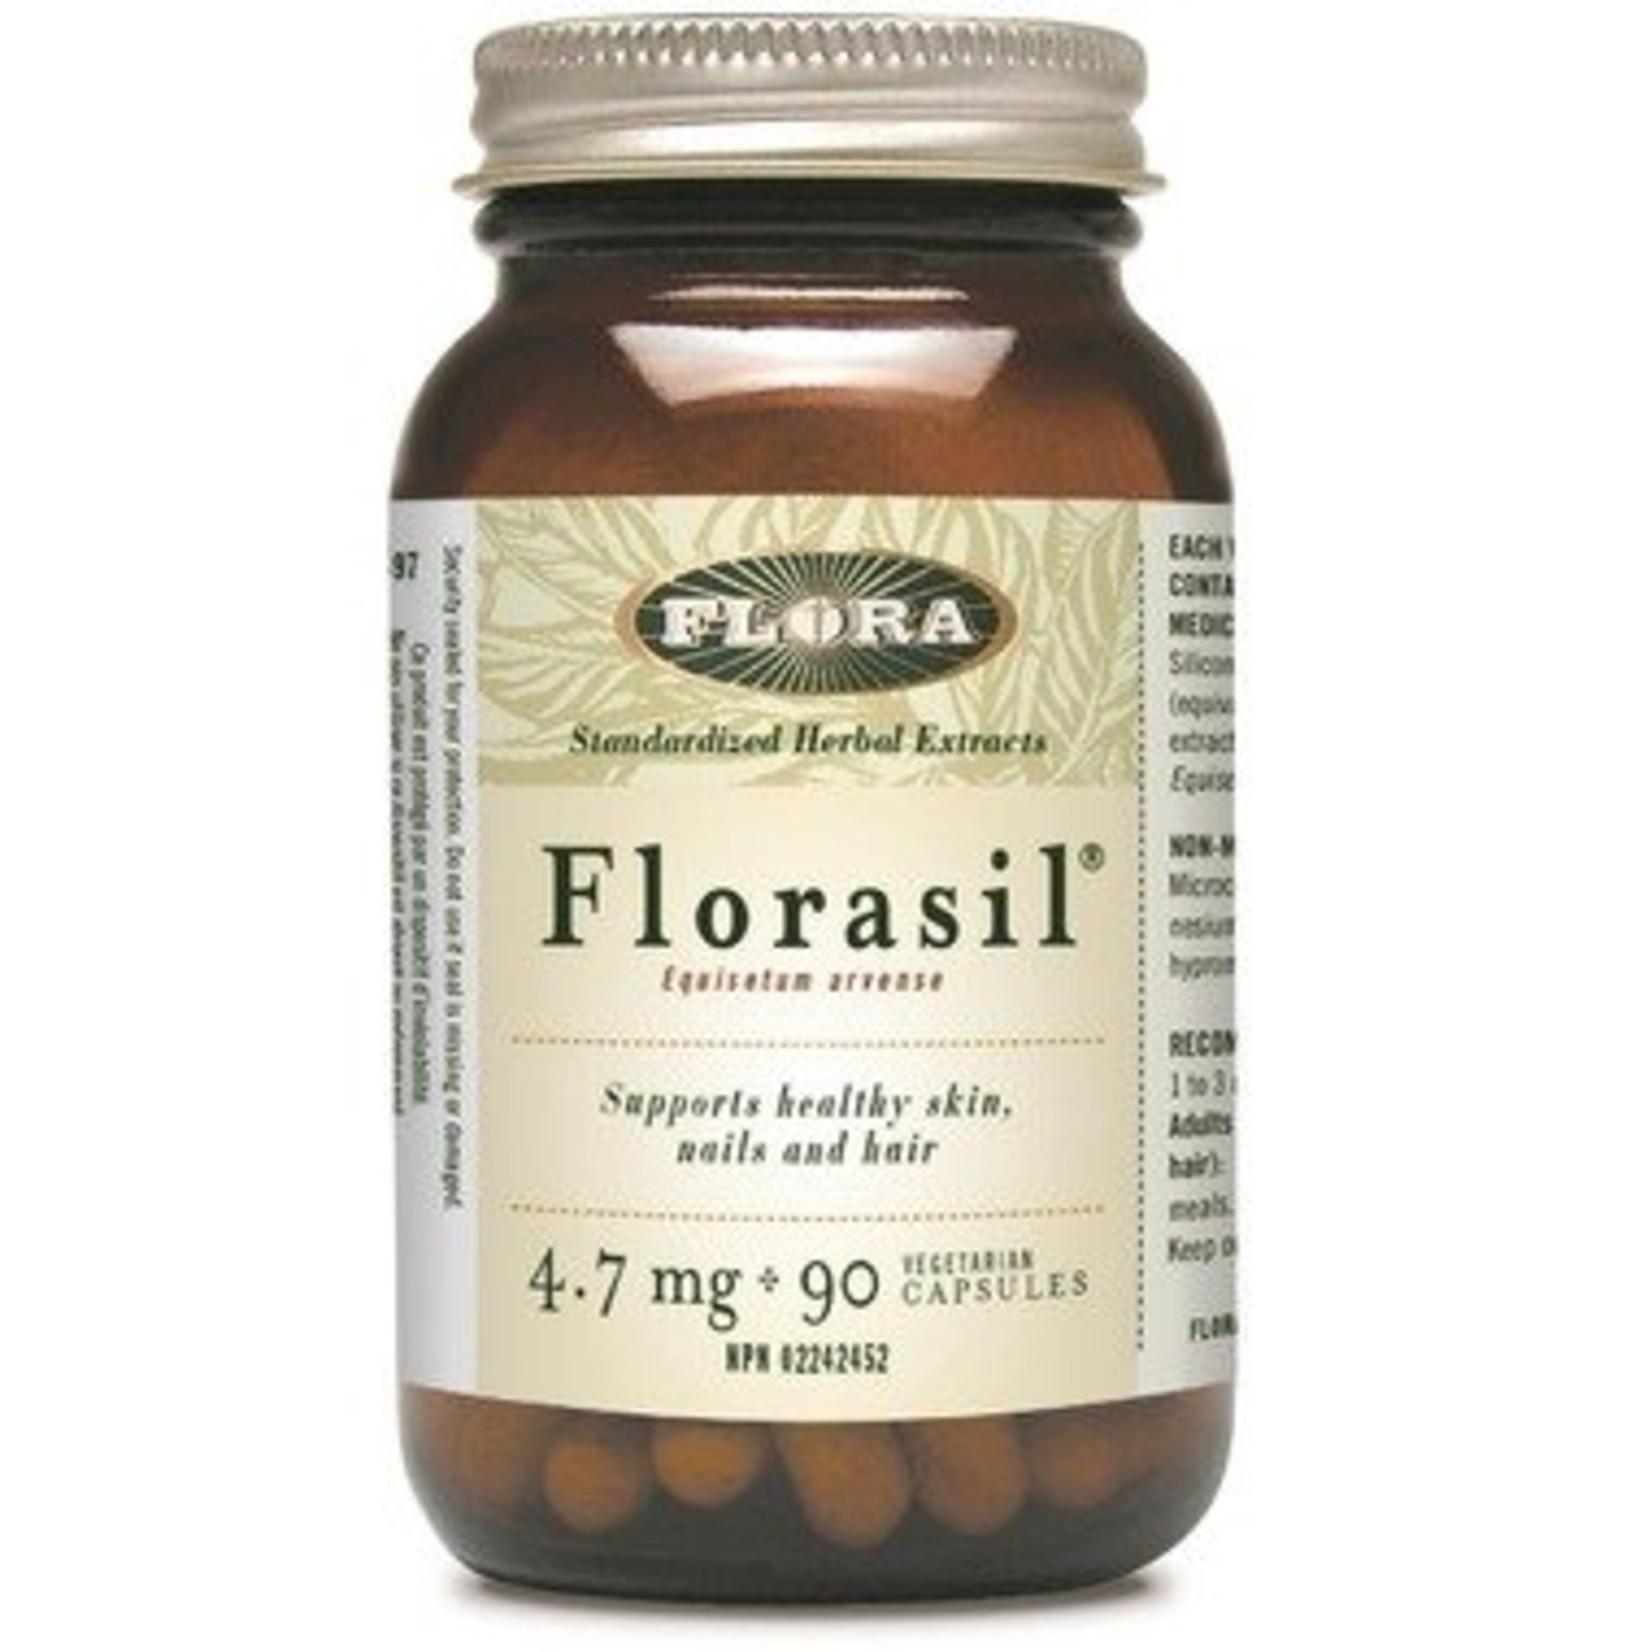 Flora Flora Florasil 90caps